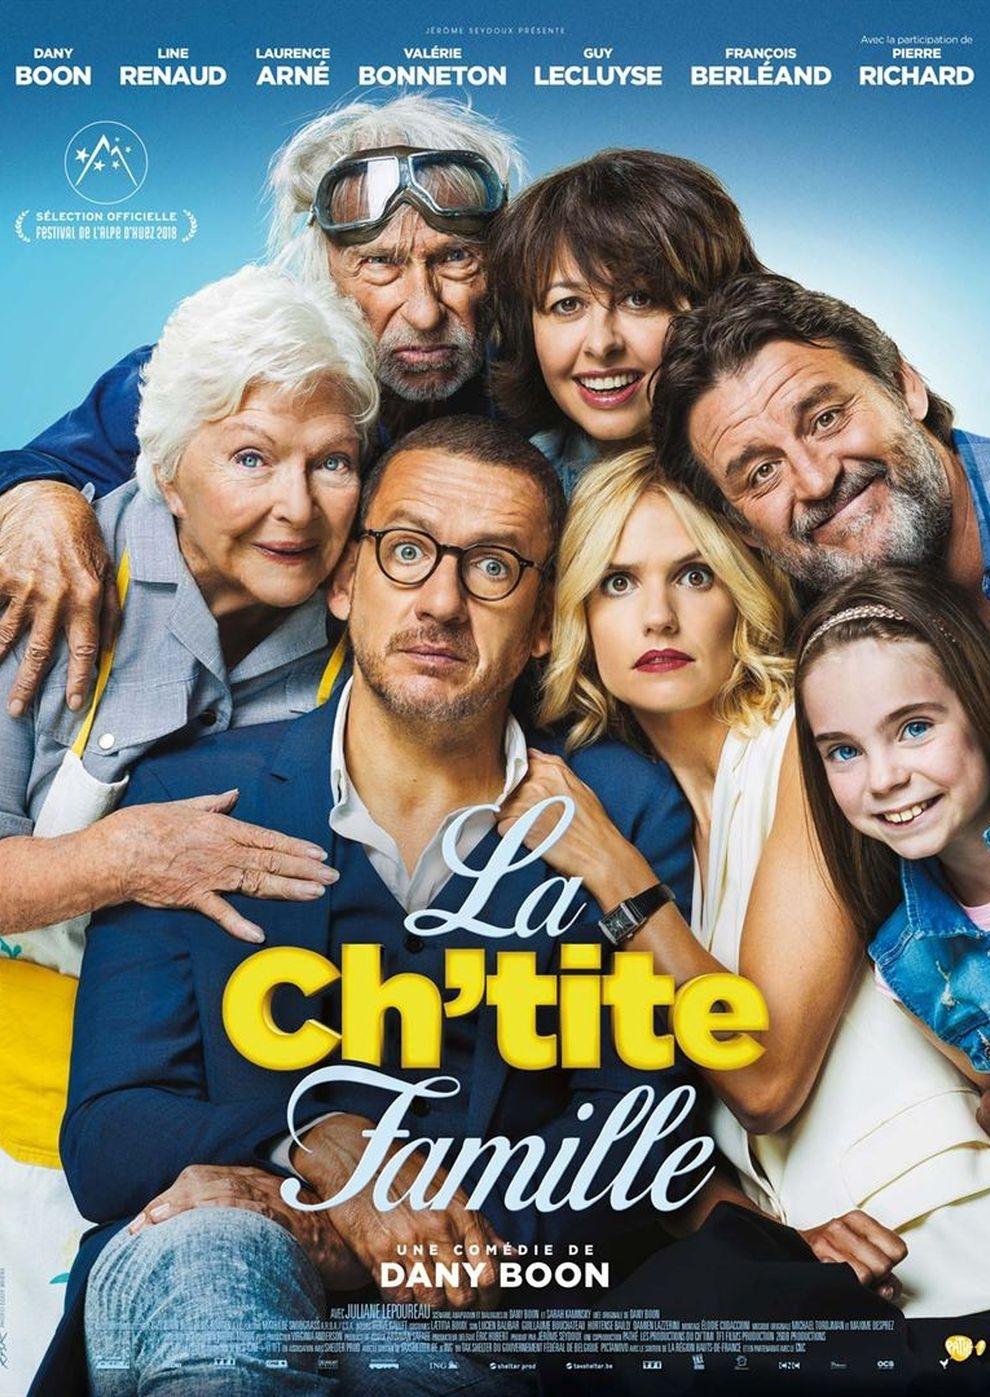 Die Sch'tis in Paris - Eine Familie auf Abwegen (Poster)